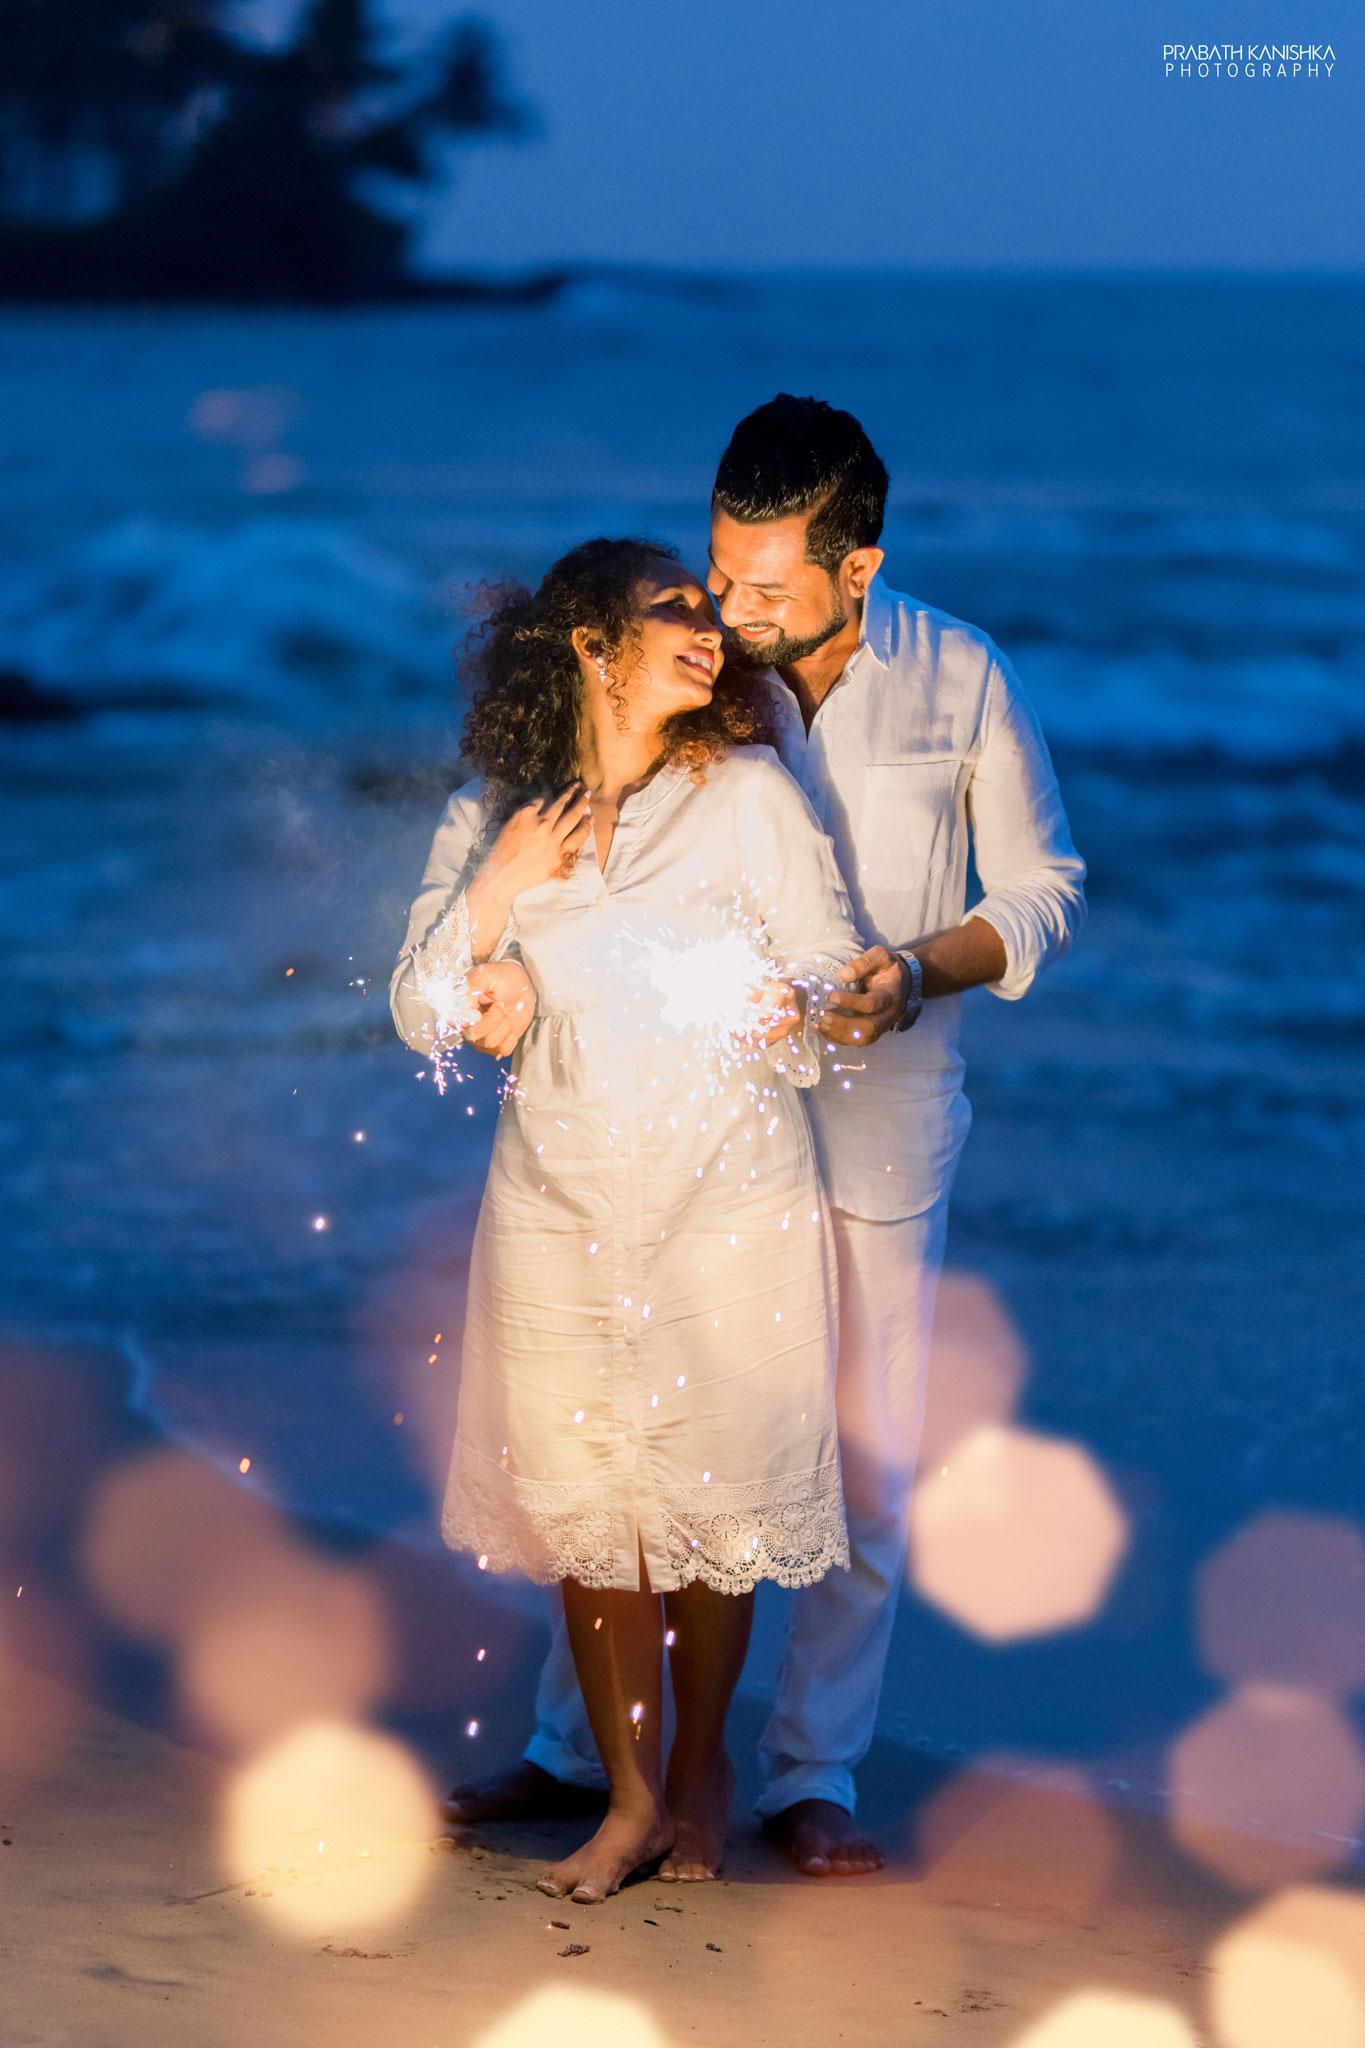 Madusha & Sidath - Prabath Kanishka Wedding Photography